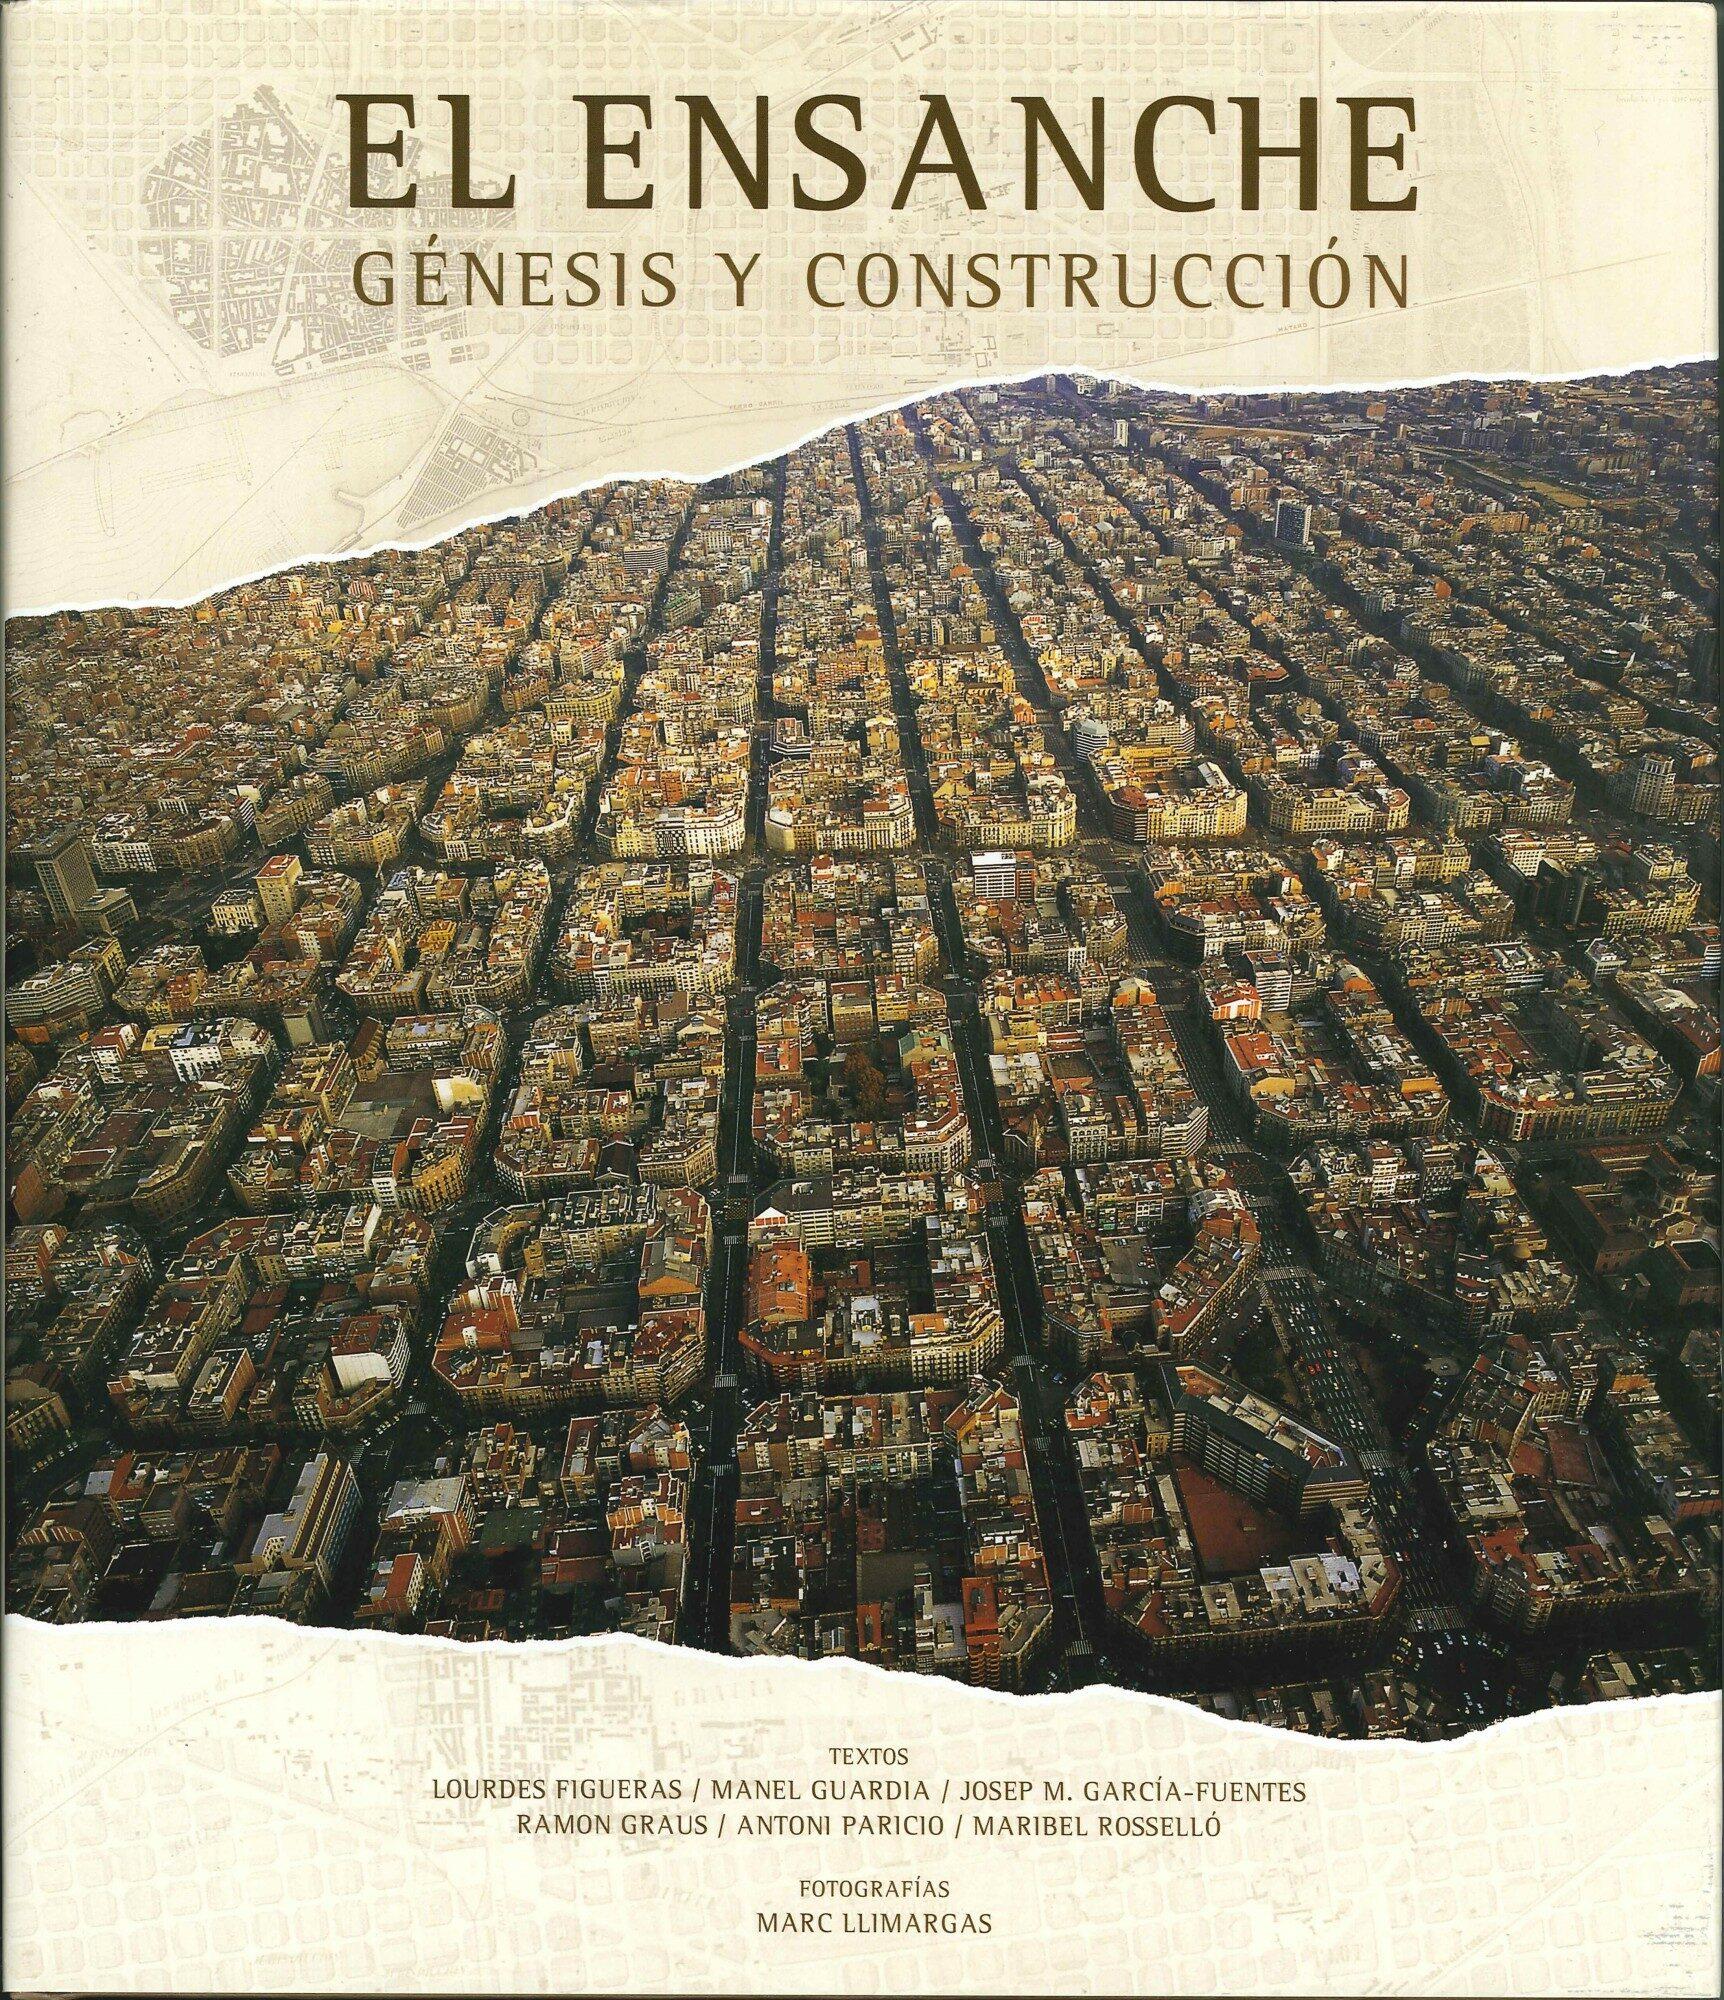 El Ensanche: Genesis Y Construccion por Manel Guardia;                                                                                    Lourdes Figueiras epub